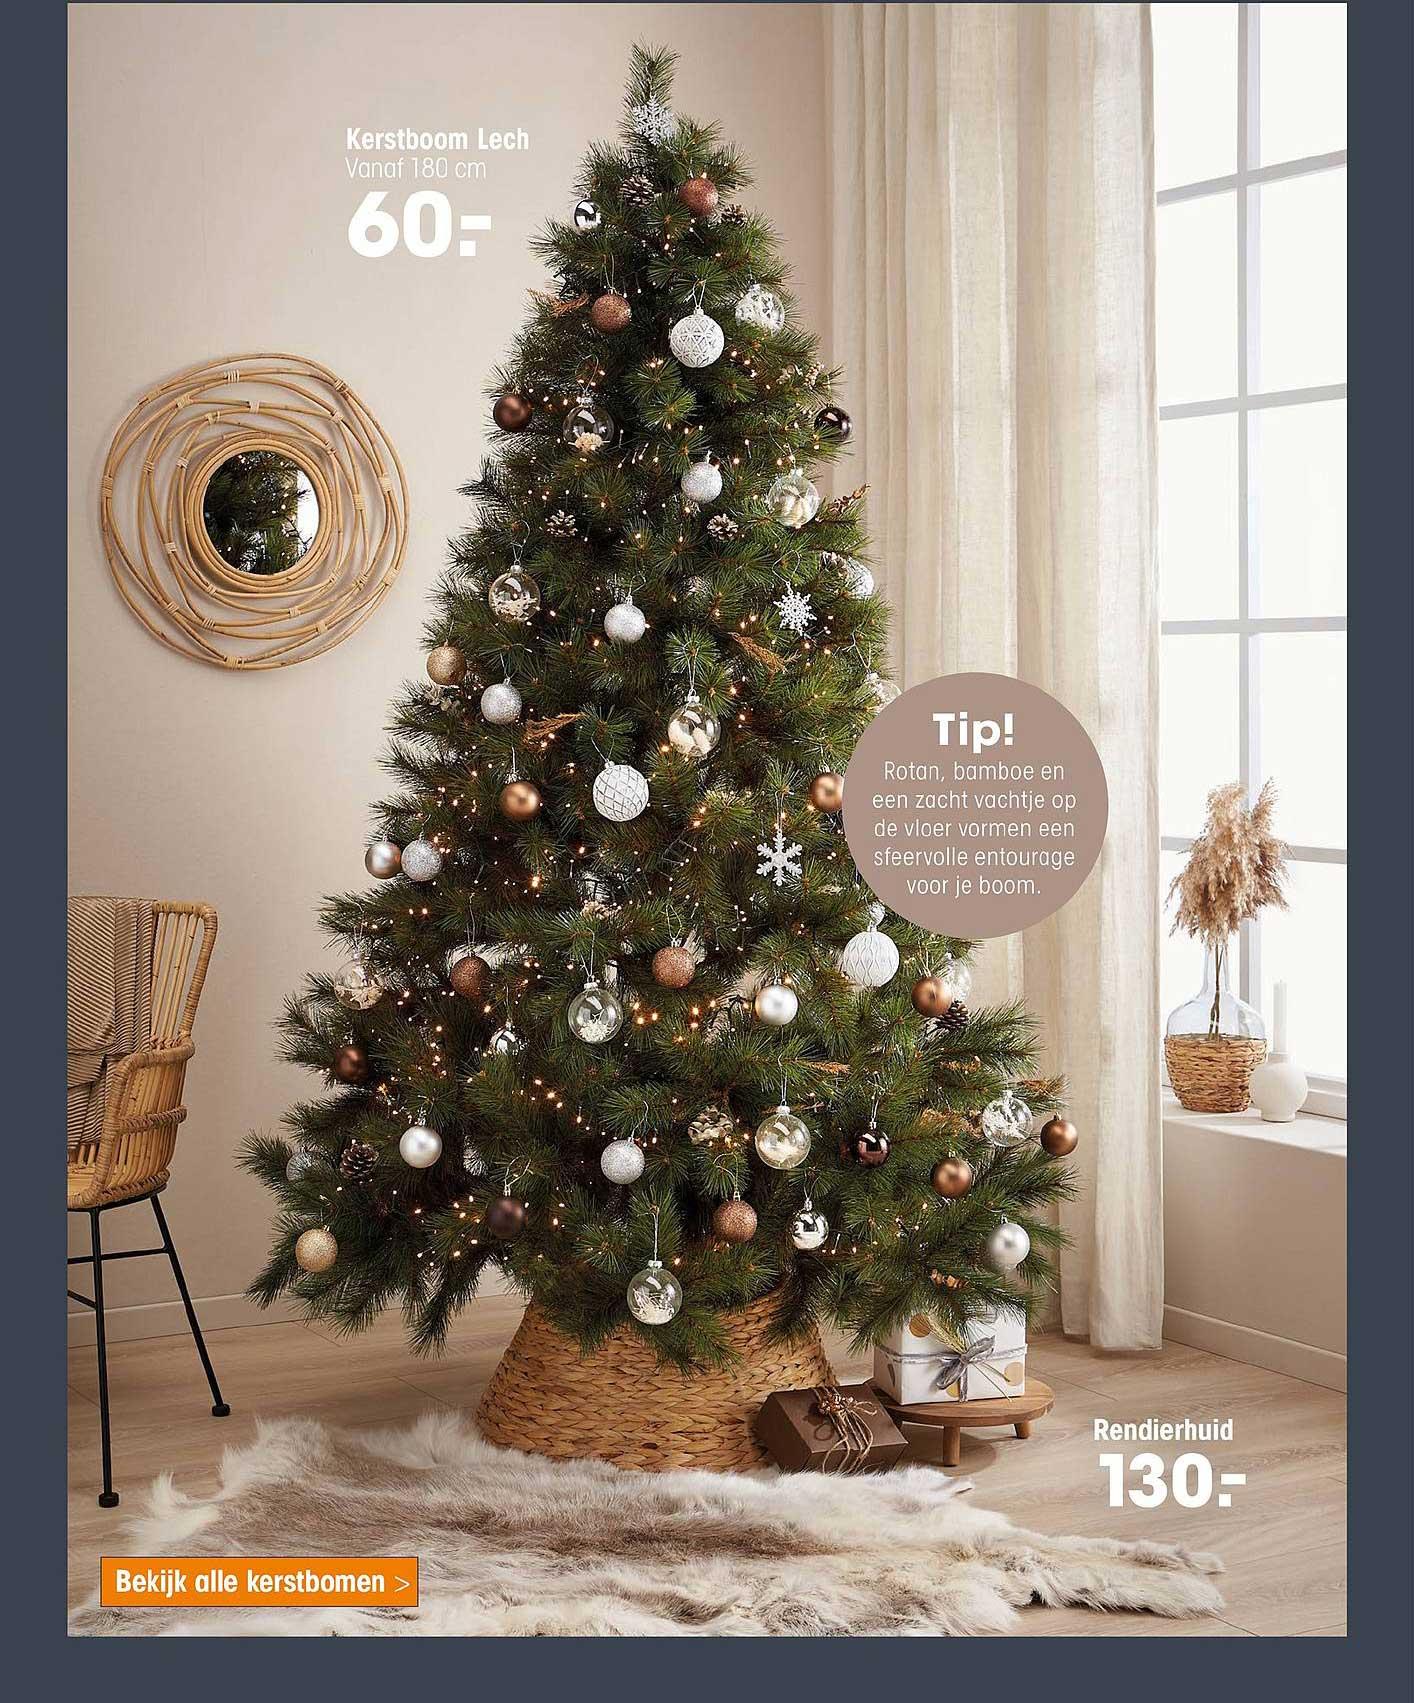 Kwantum Kerstboom Lech Of Rendierhuid